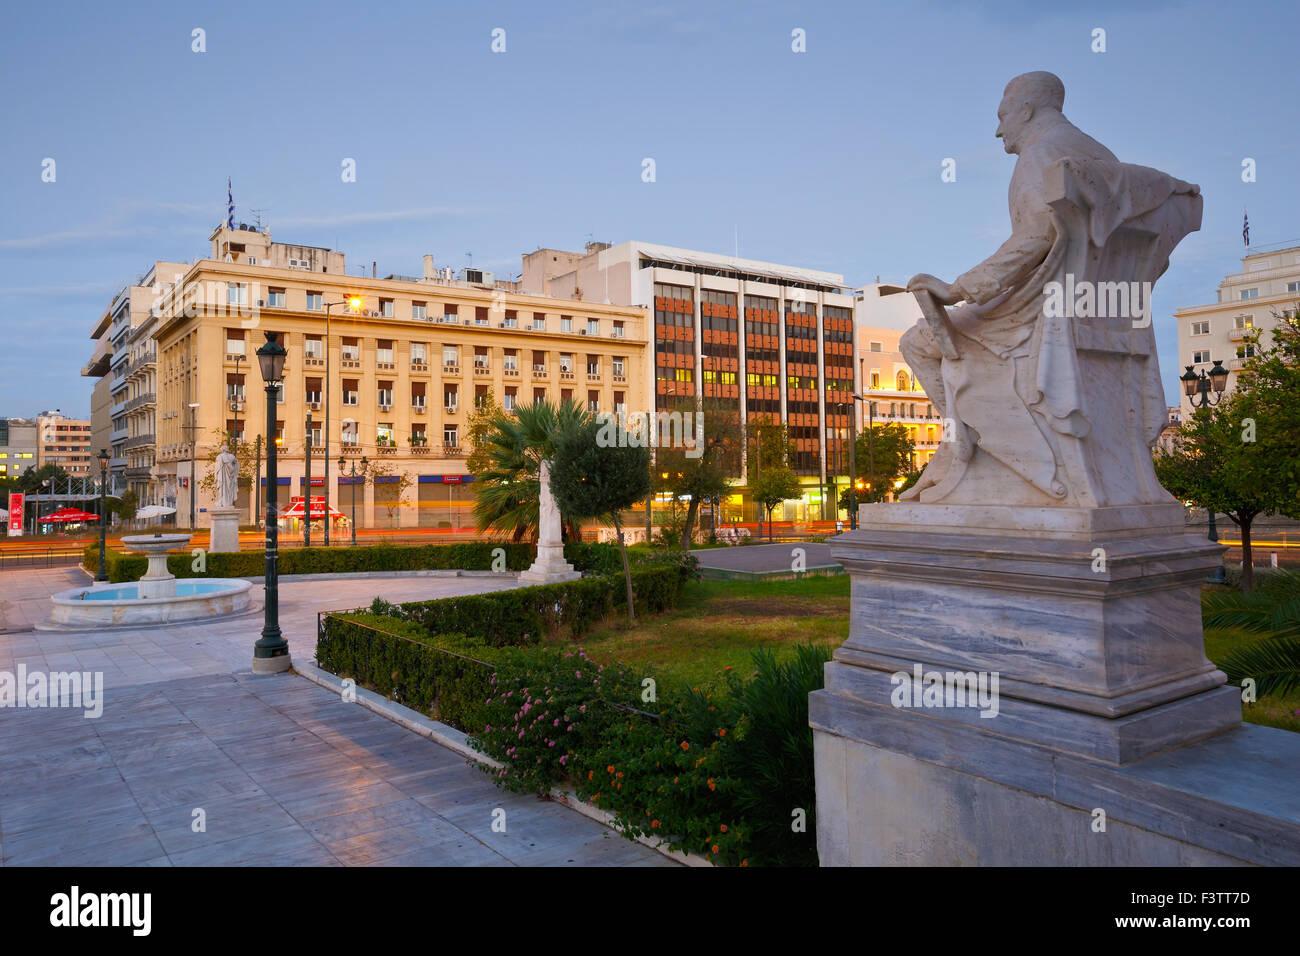 Piazza davanti al National & Kapodistrian University di Atene in Panepistimio al mattino Immagini Stock